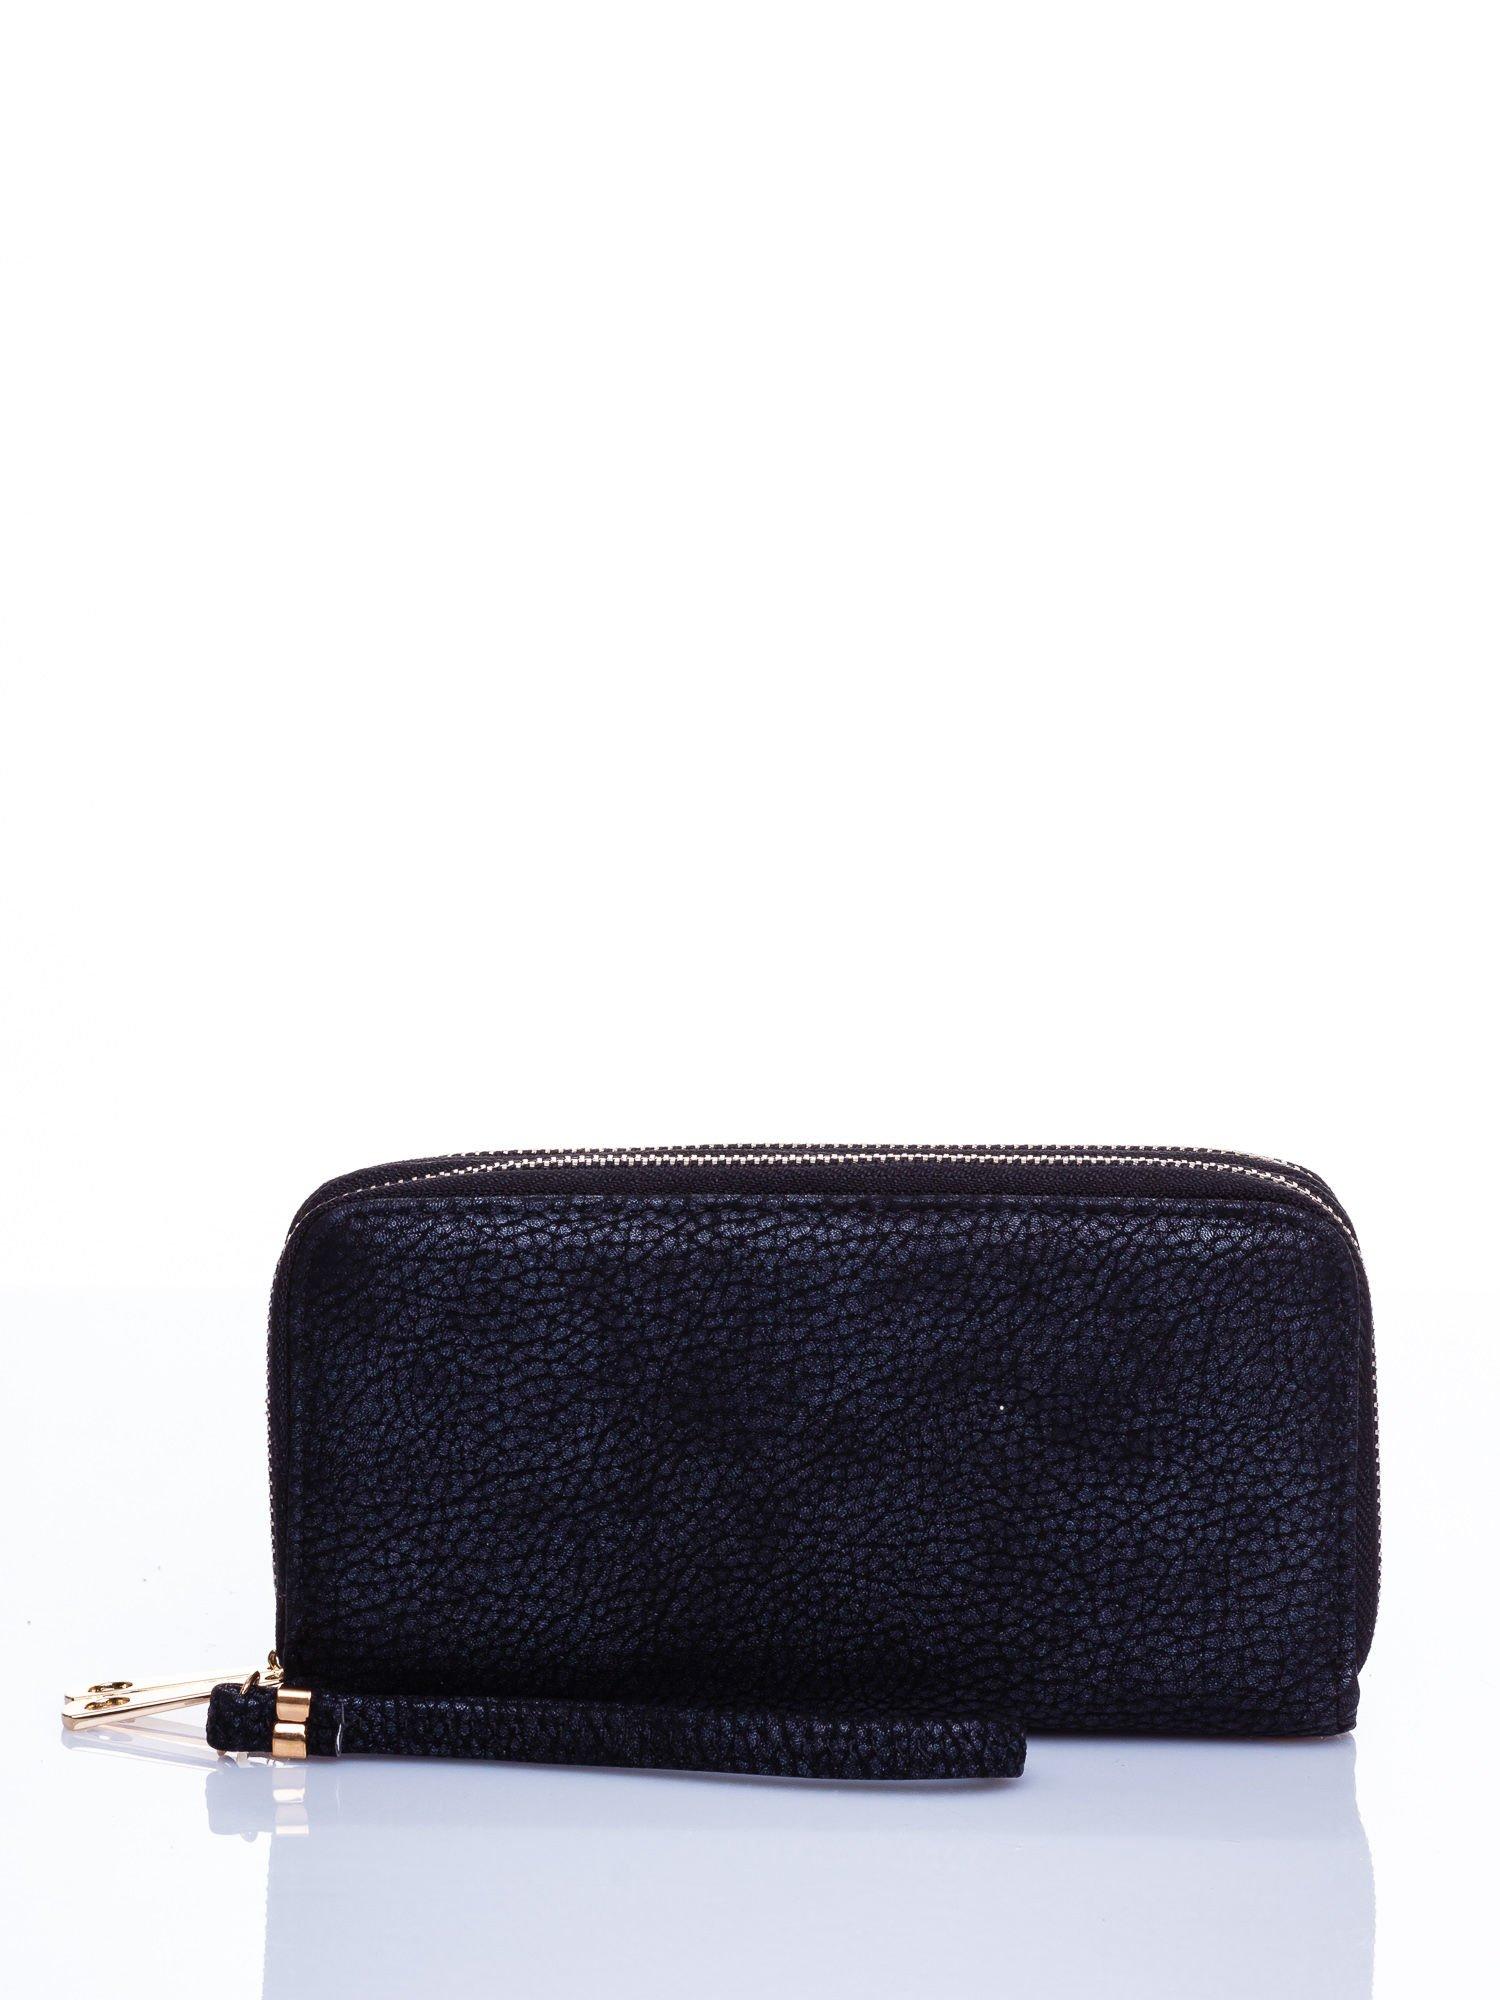 Czarny matowy portfel z rączką                                  zdj.                                  1